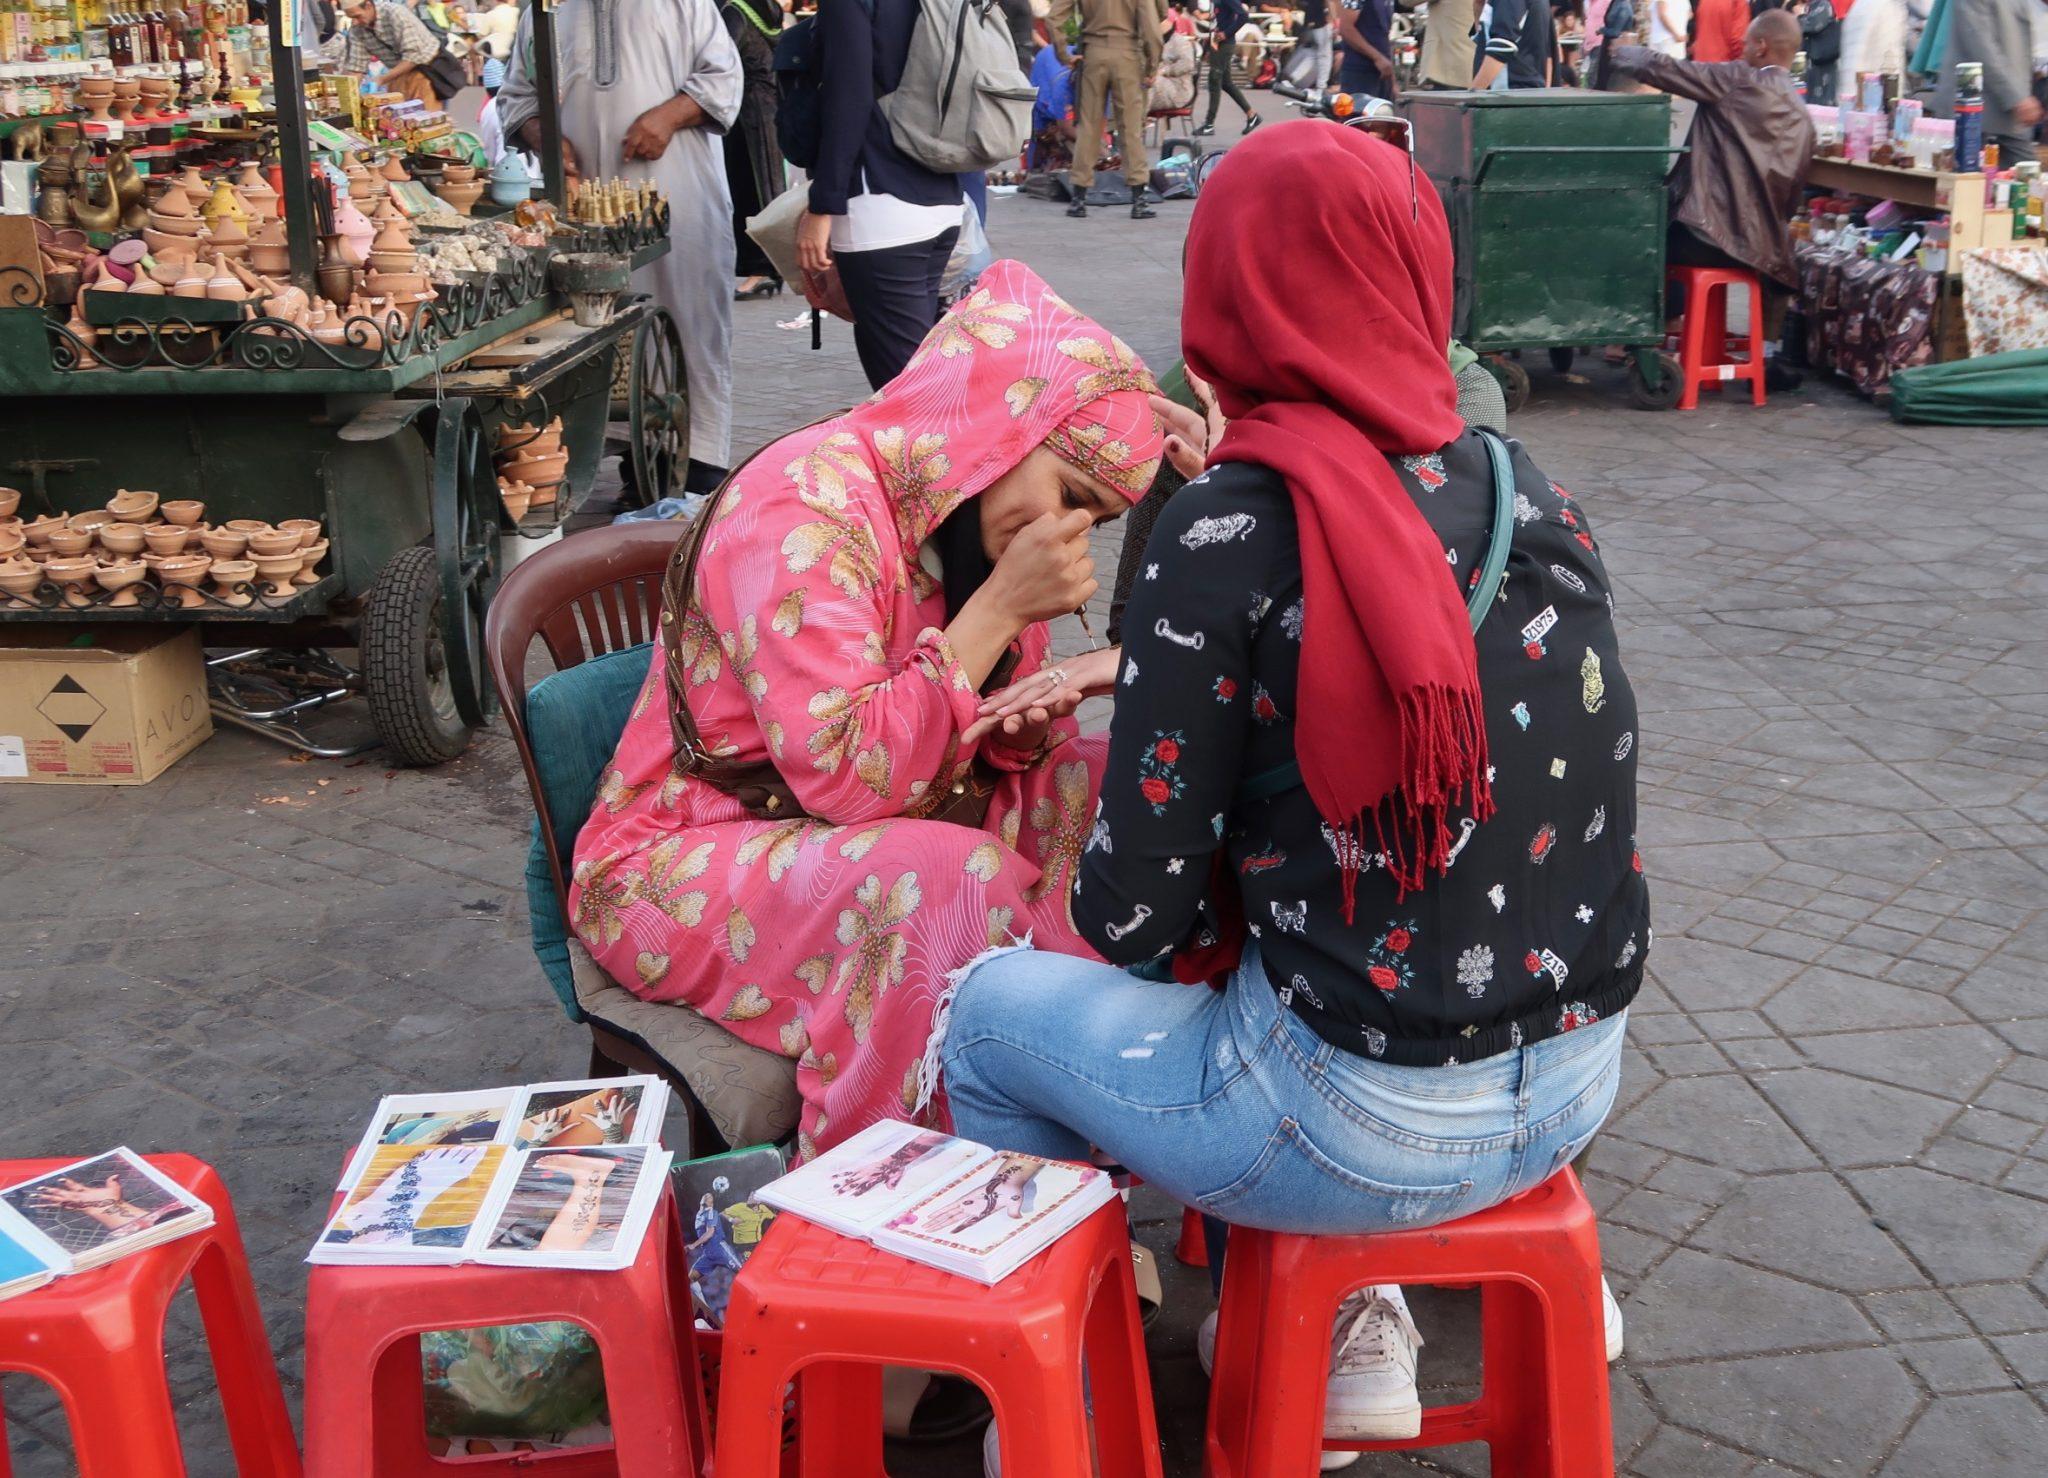 Marrakech hennatatuointi